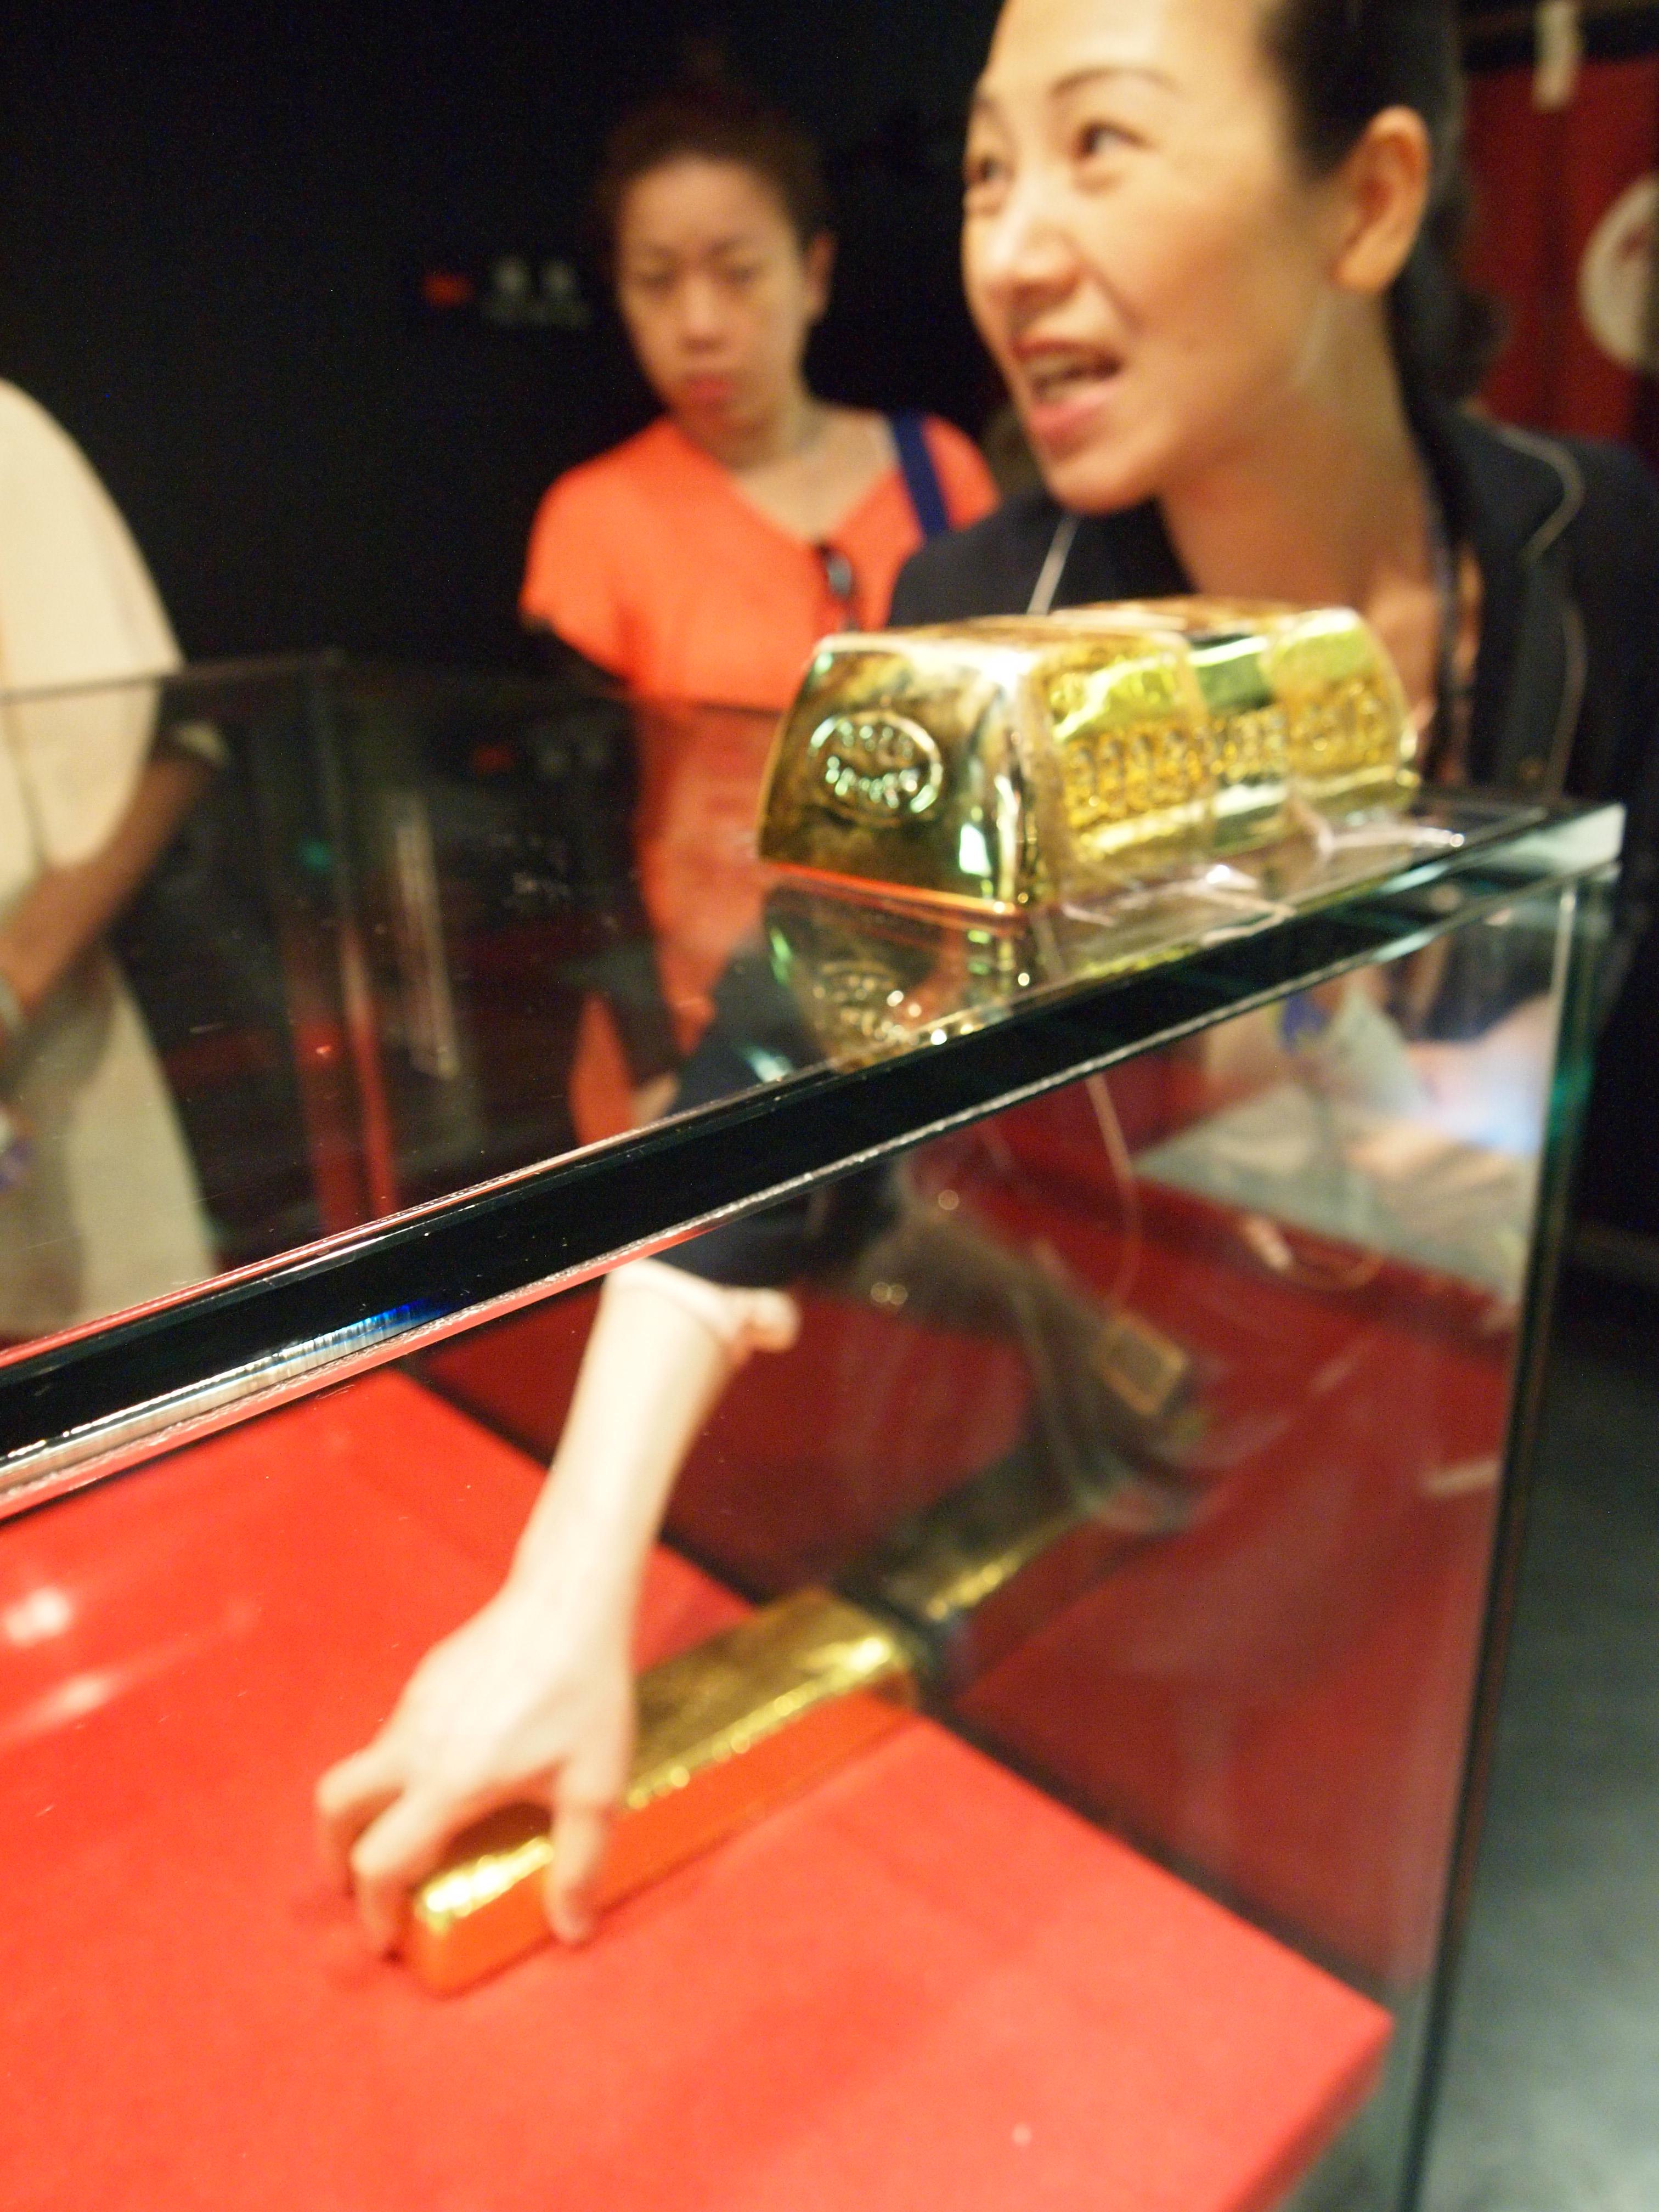 旅客可在资料馆尝试抓金砖,如果有人能将它从玻璃箱子取出重达12.5公斤的金块,将可获得奖品!